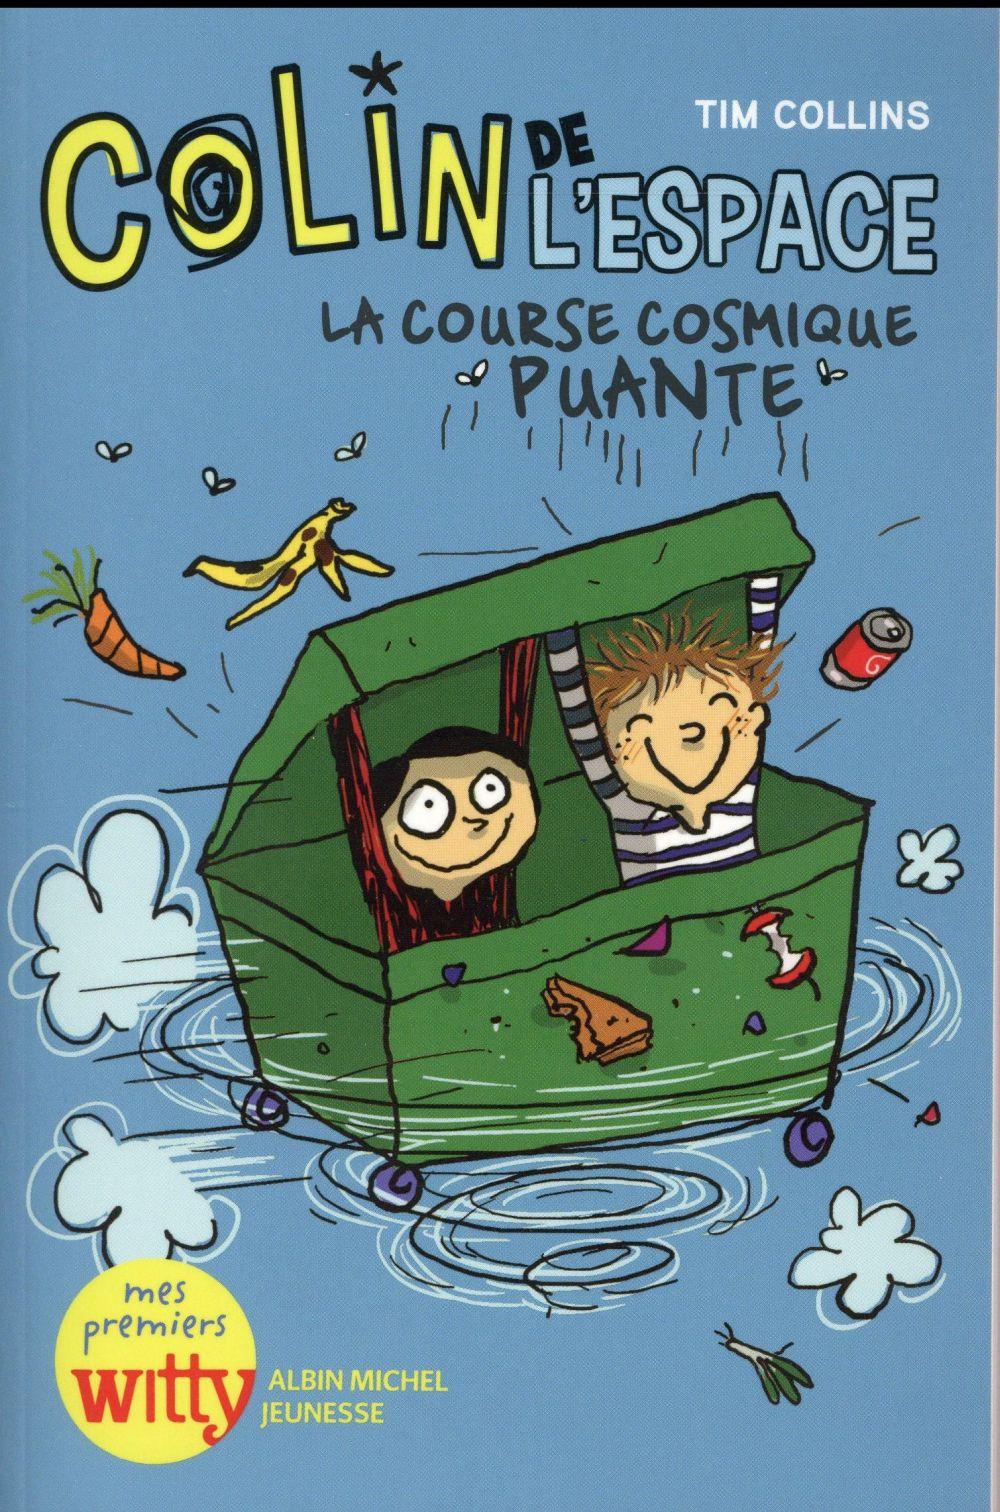 COLIN DE L'ESPACE T.1  -  LA COURSE COSMIQUE PUANTE COLLINS/DREIDEMY Albin Michel-Jeunesse